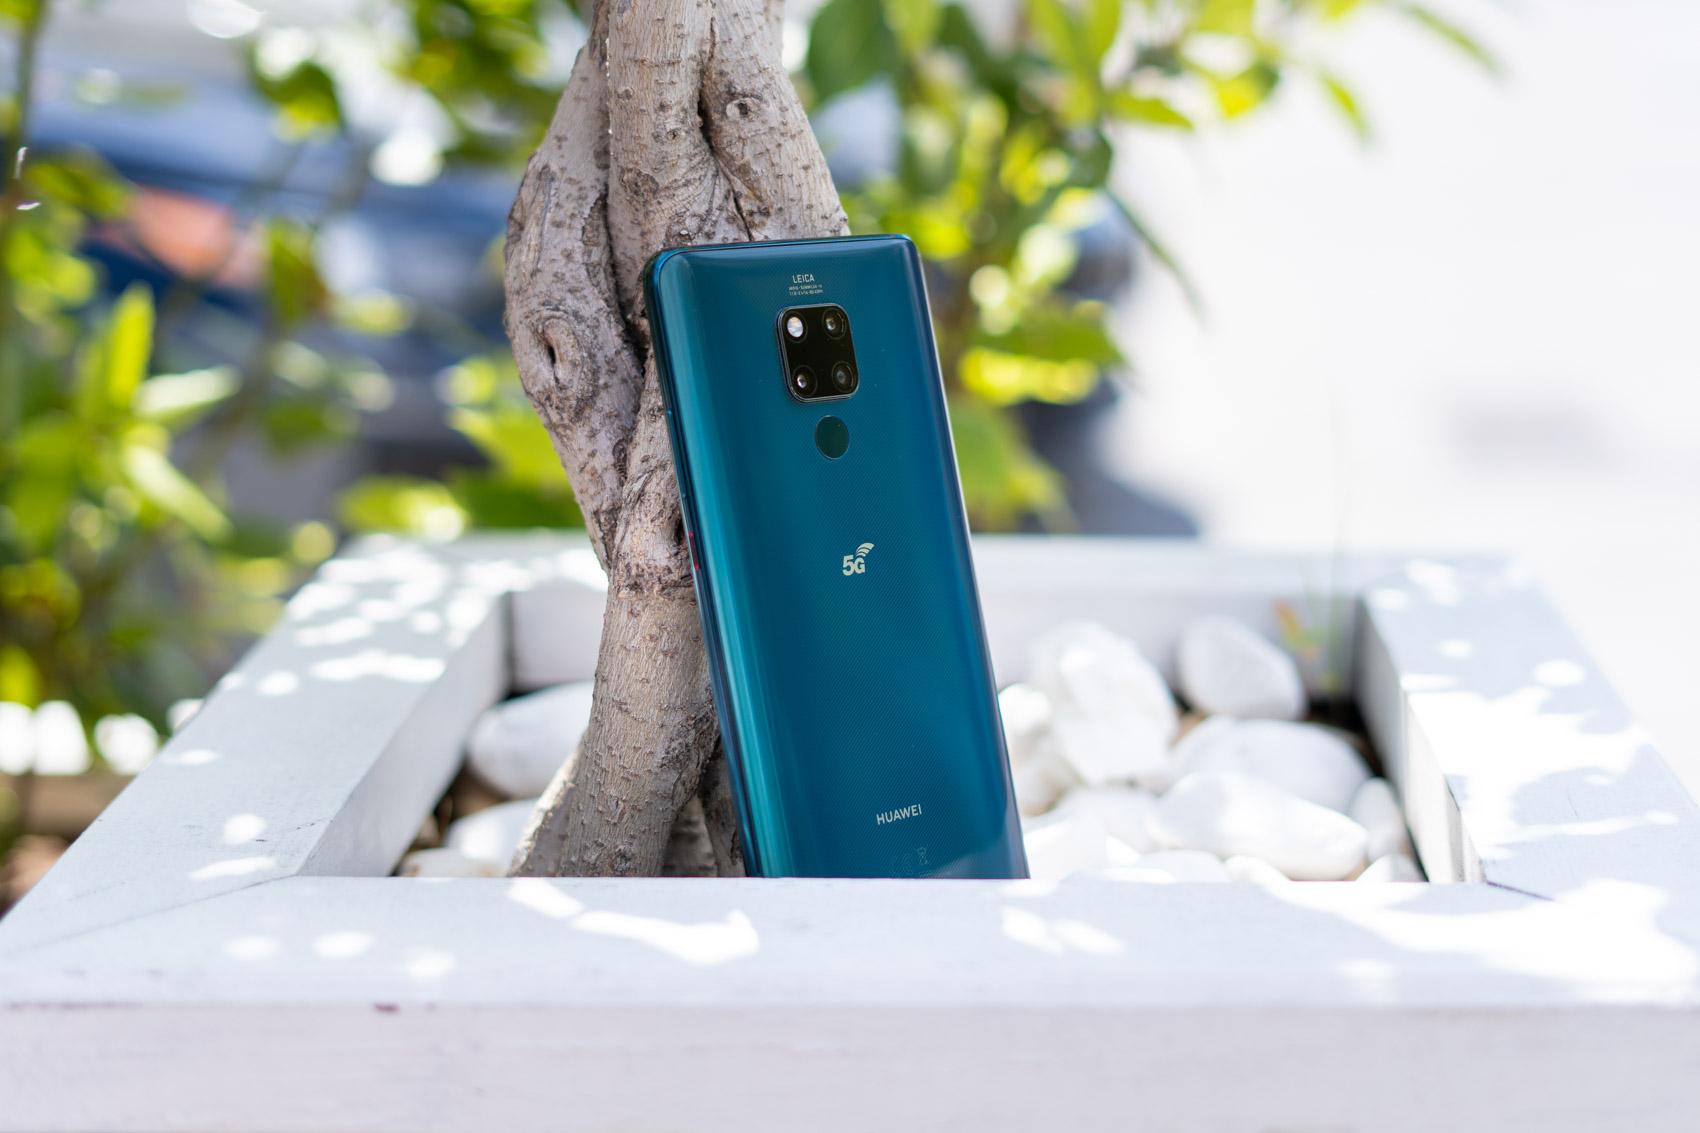 5G sareak onartzen dituen lehen telefonoa Poloniara doa.  Hemen dago Huawei Mate 20 X 5G